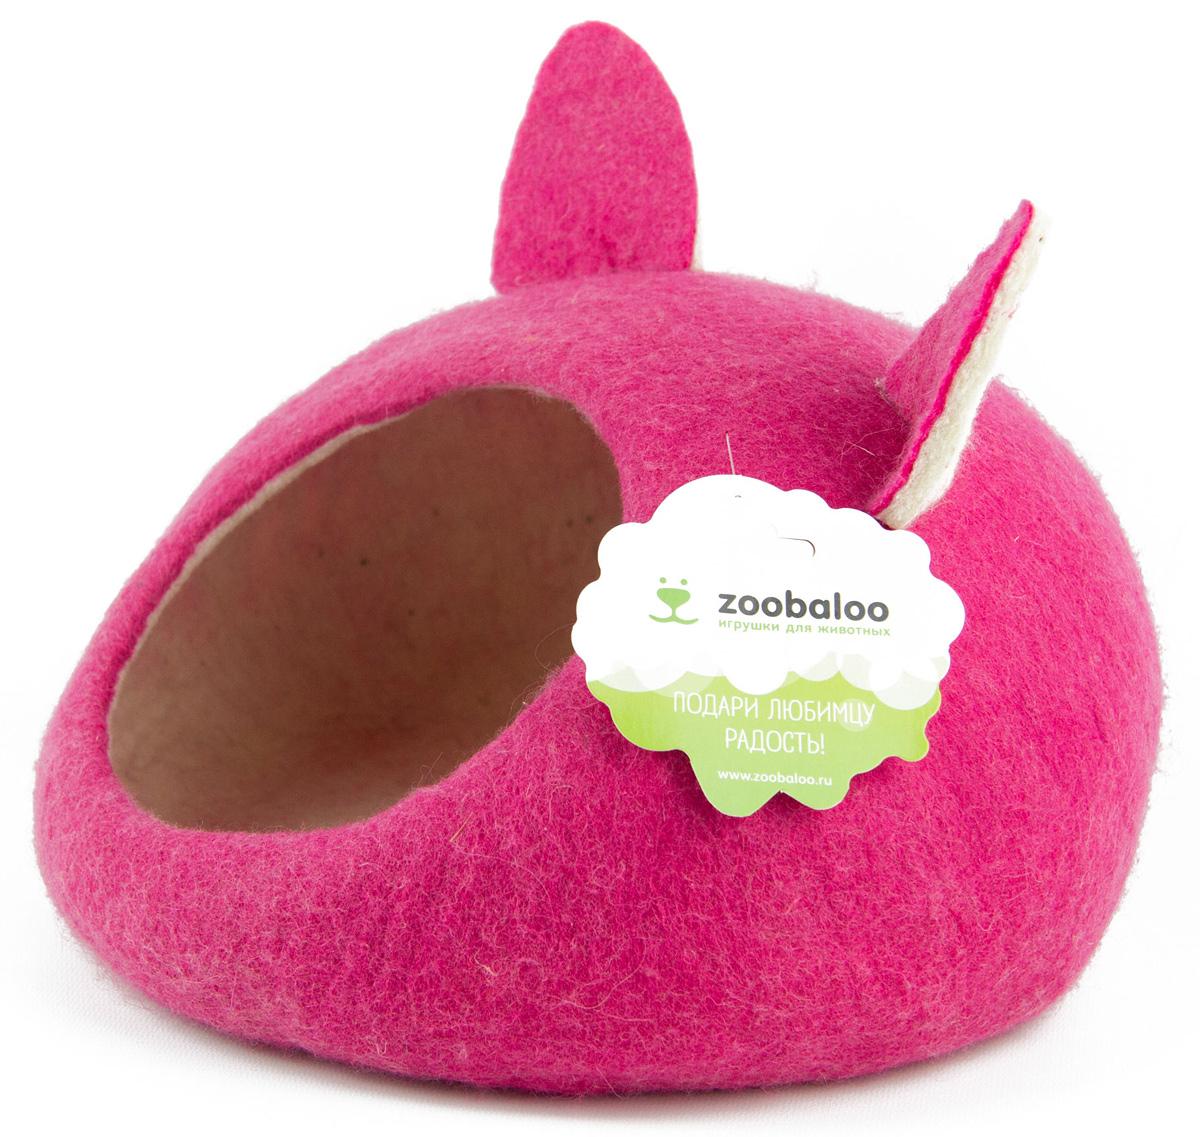 Домик-слипер для животных Zoobaloo WoolPetHouse, с ушками, цвет: малиновый, размер S813Домик-слипер Zoobaloo WoolPetHouse предназначен для отдыха и сна питомца. Домик изготовлен из 100% шерсти мериноса. Учтены все особенности животного сна: форма, цвет, материал этого домика - все подобрано как нельзя лучше! В нем ваш любимец будет видеть только цветные сны. Шерсть мериноса обеспечит превосходный микроклимат внутри домика, а его форма позволит питомцу засыпать в самой естественной позе.